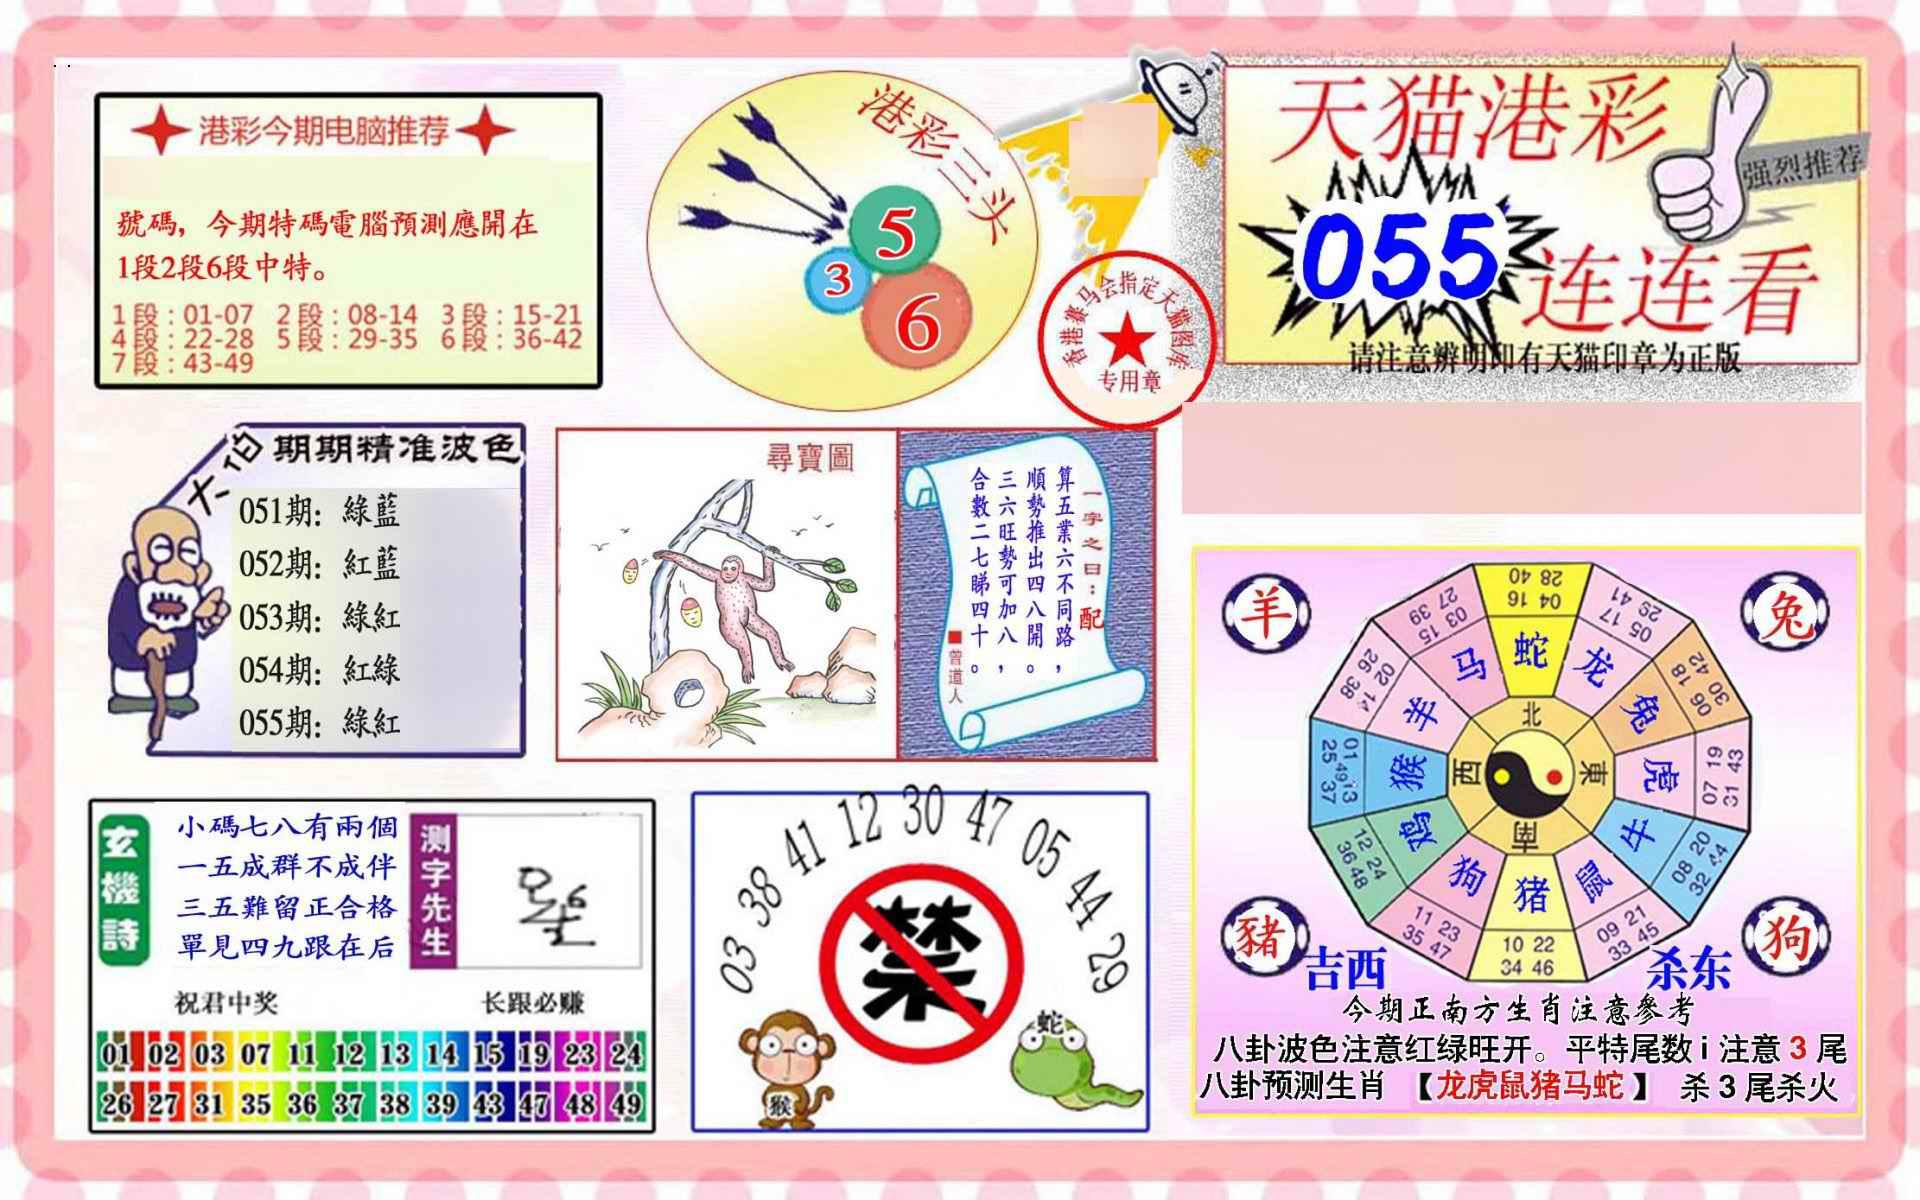 055期港彩连连中